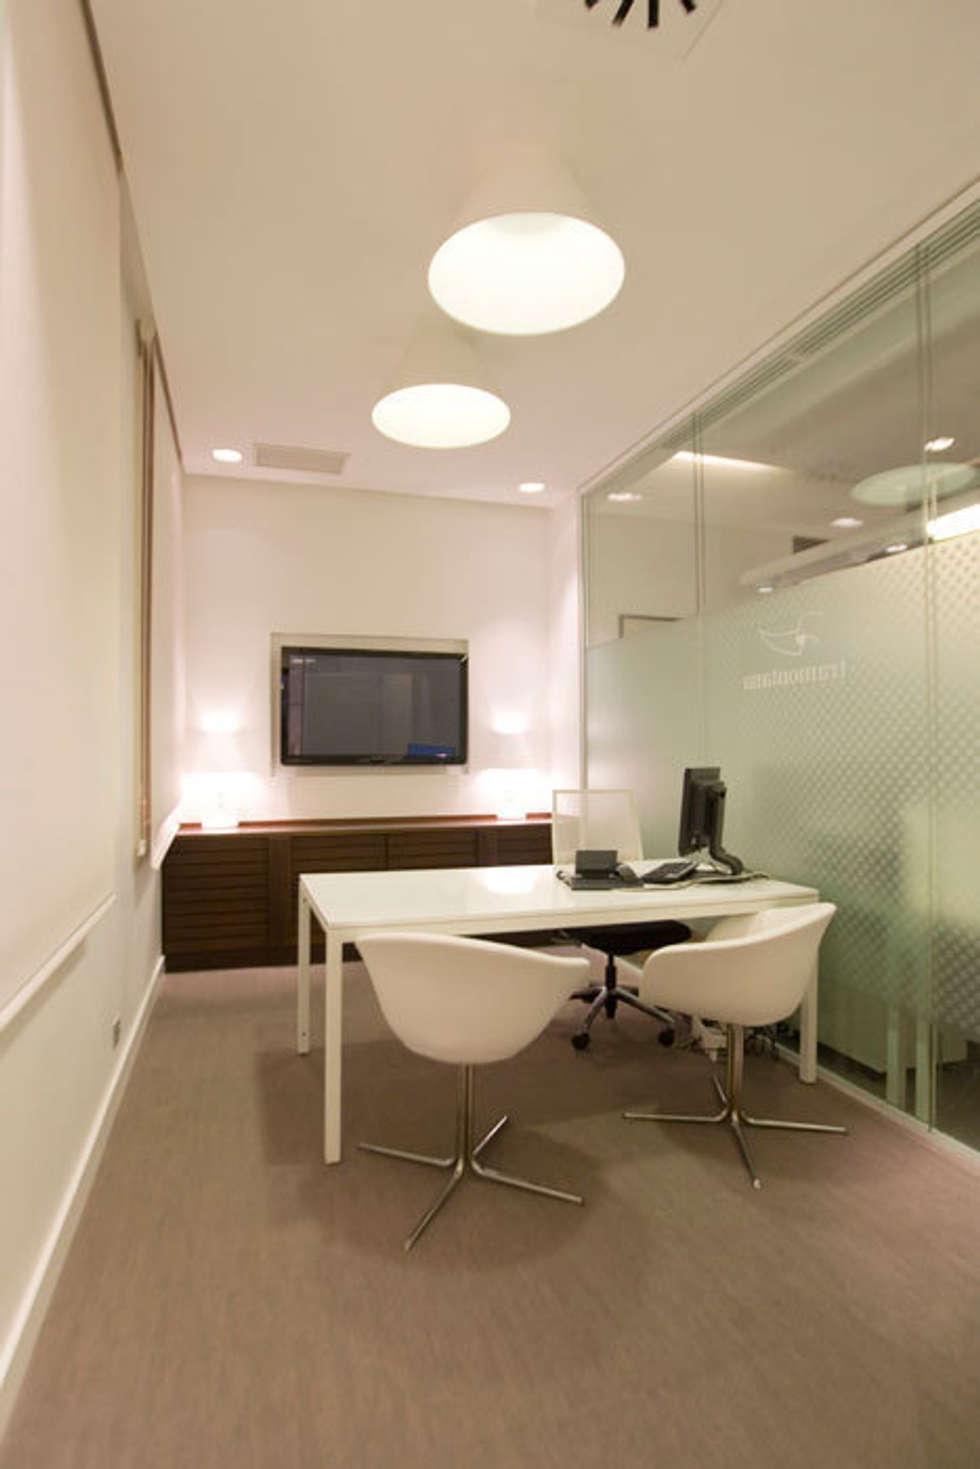 Im genes de decoraci n y dise o de interiores homify for Imagenes oficinas modernas